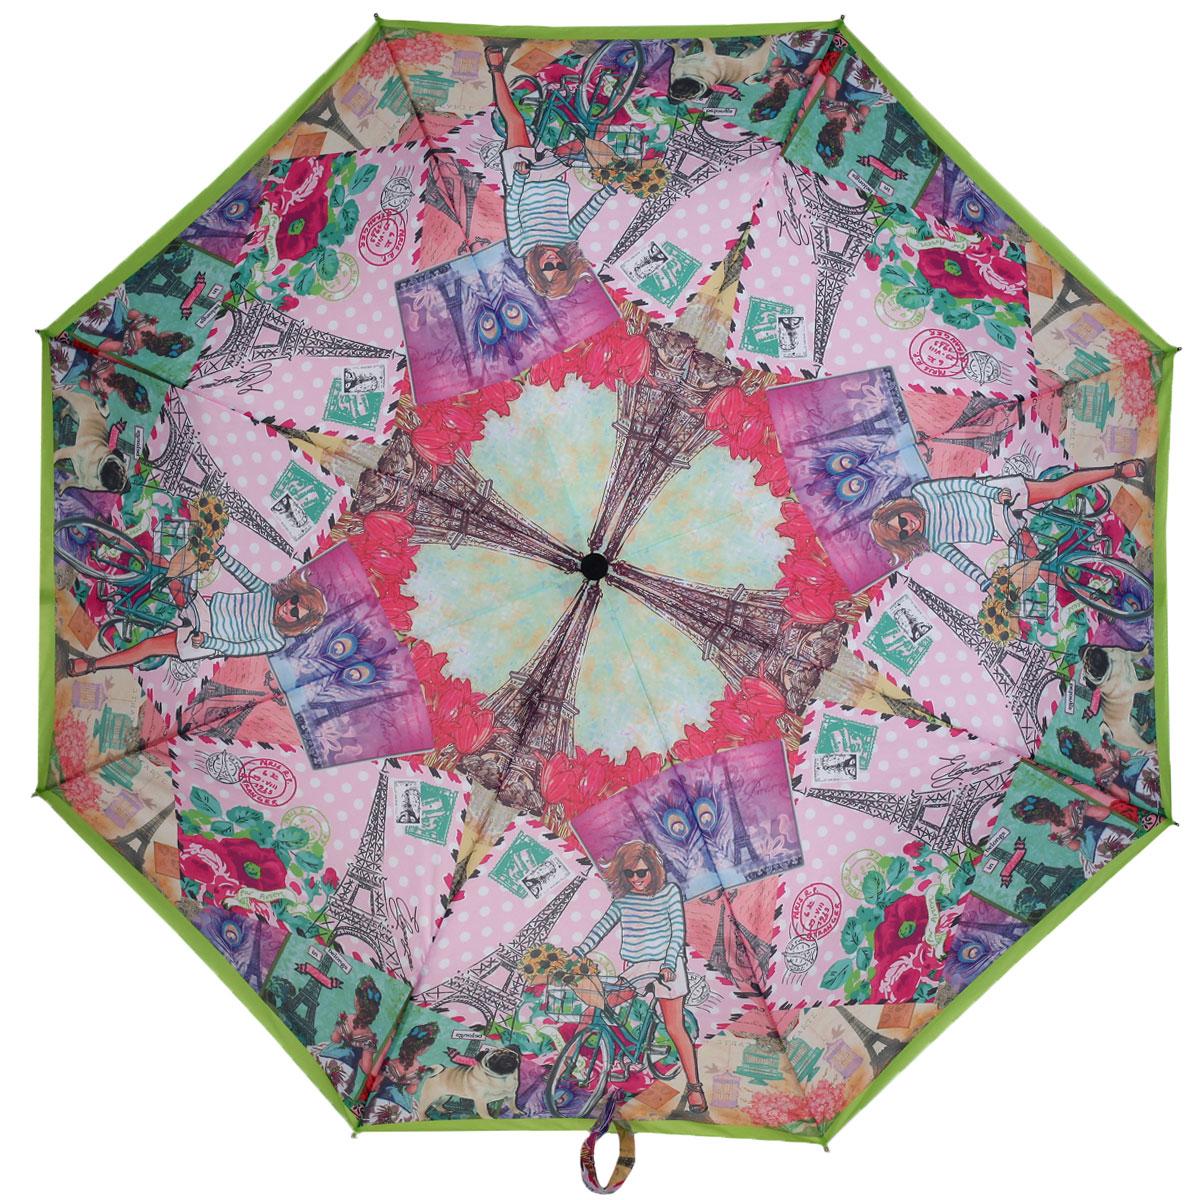 Зонт женский Eleganzza, автомат, 3 сложения, цвет: розовый, салатовый. A3-05-0296A3-05-0296Стильный автоматический зонт Eleganzza в 3 сложения даже в ненастную погоду позволит вам оставаться элегантной. Каркас зонта выполнен из 8 спиц из фибергласса и алюминия, стержень изготовлен из стали, удобная рукоятка - из пластика. Купол зонта выполнен из прочного полиэстера и эпонжа с водоотталкивающей пропиткой. В закрытом виде застегивается хлястиком на кнопке. Коллаж из романтичных сюжетов можно разглядывать снова и снова, каждый раз находя, что-то новое. Зонт имеет полный автоматический механизм сложения: купол открывается и закрывается нажатием кнопки на рукоятке, стержень складывается вручную до характерного щелчка, благодаря чему открыть и закрыть зонт можно одной рукой, что чрезвычайно удобно при входе в транспорт или помещение. На рукоятке для удобства есть небольшой шнурок, позволяющий надеть зонт на руку тогда, когда это будет необходимо. К зонту прилагается чехол.